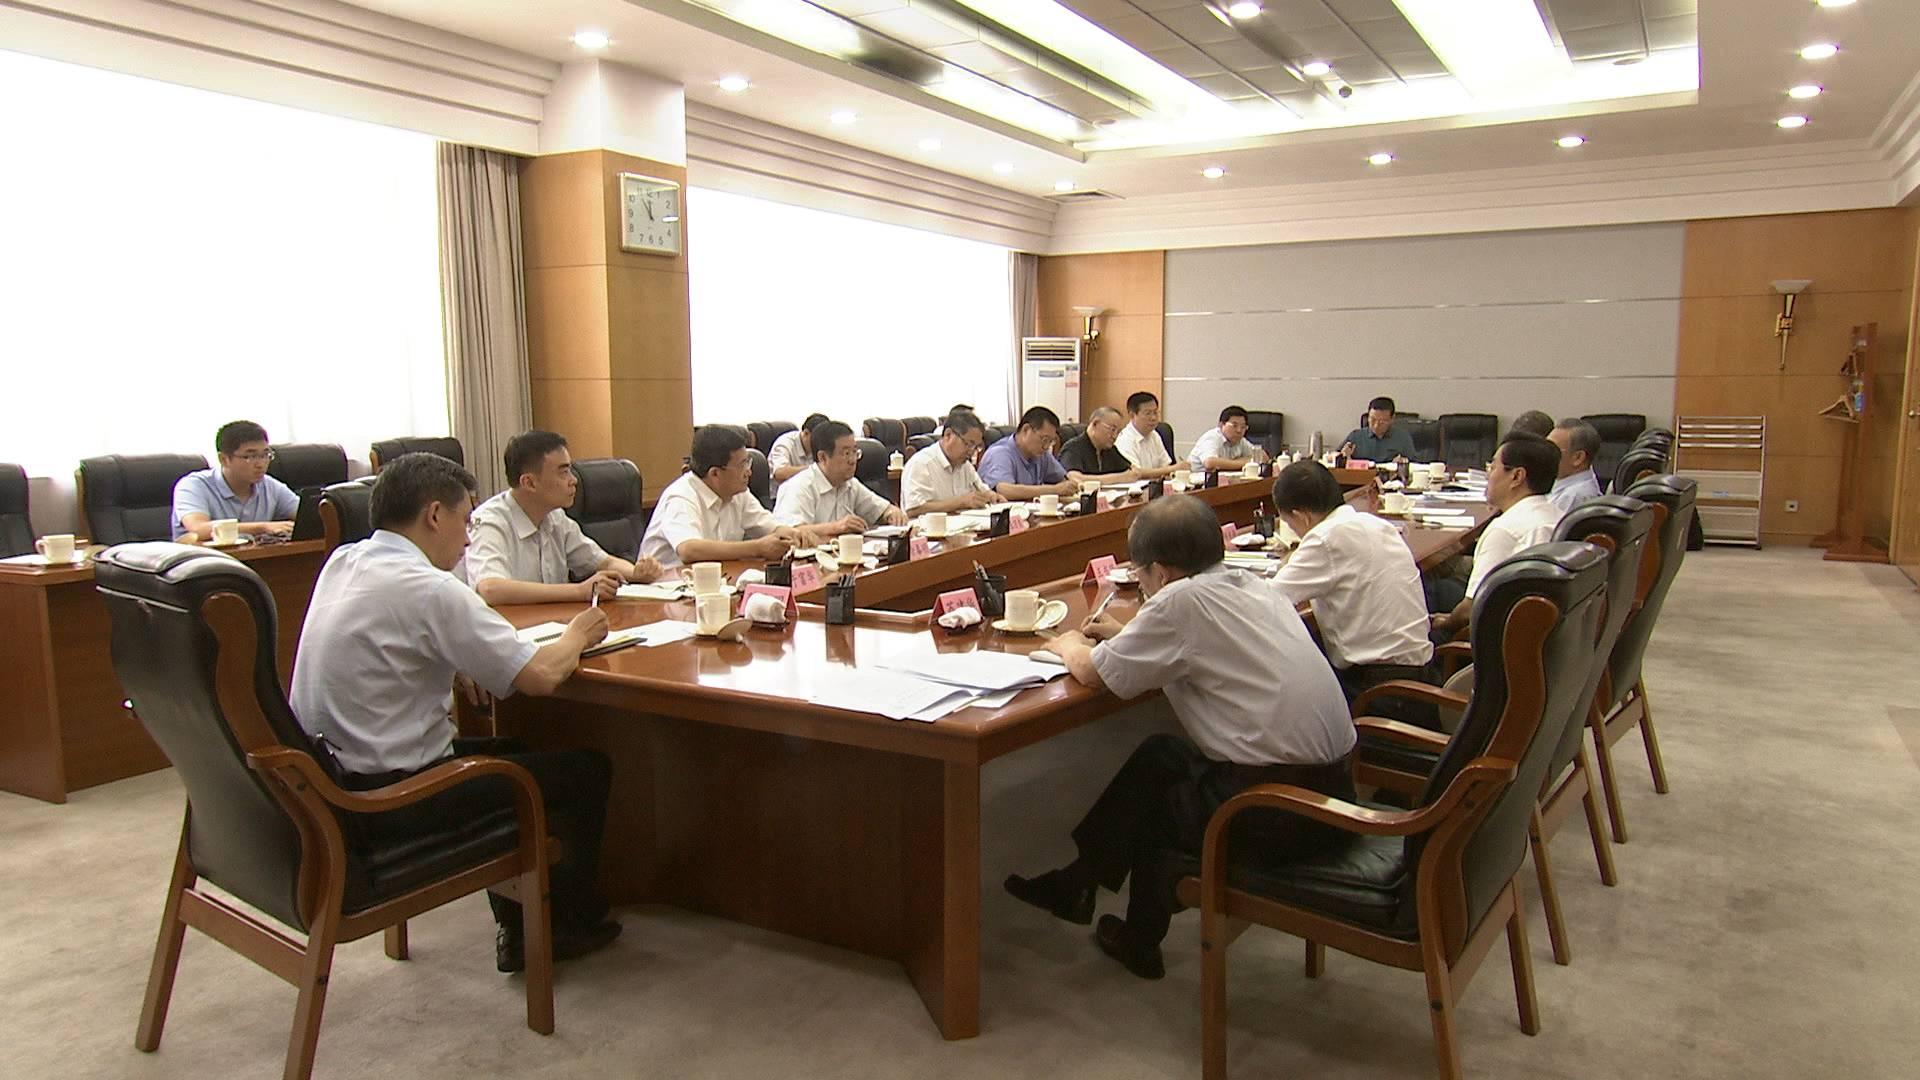 刘家义主持召开调研座谈会 听取关于做好我省经济工作的意见建议